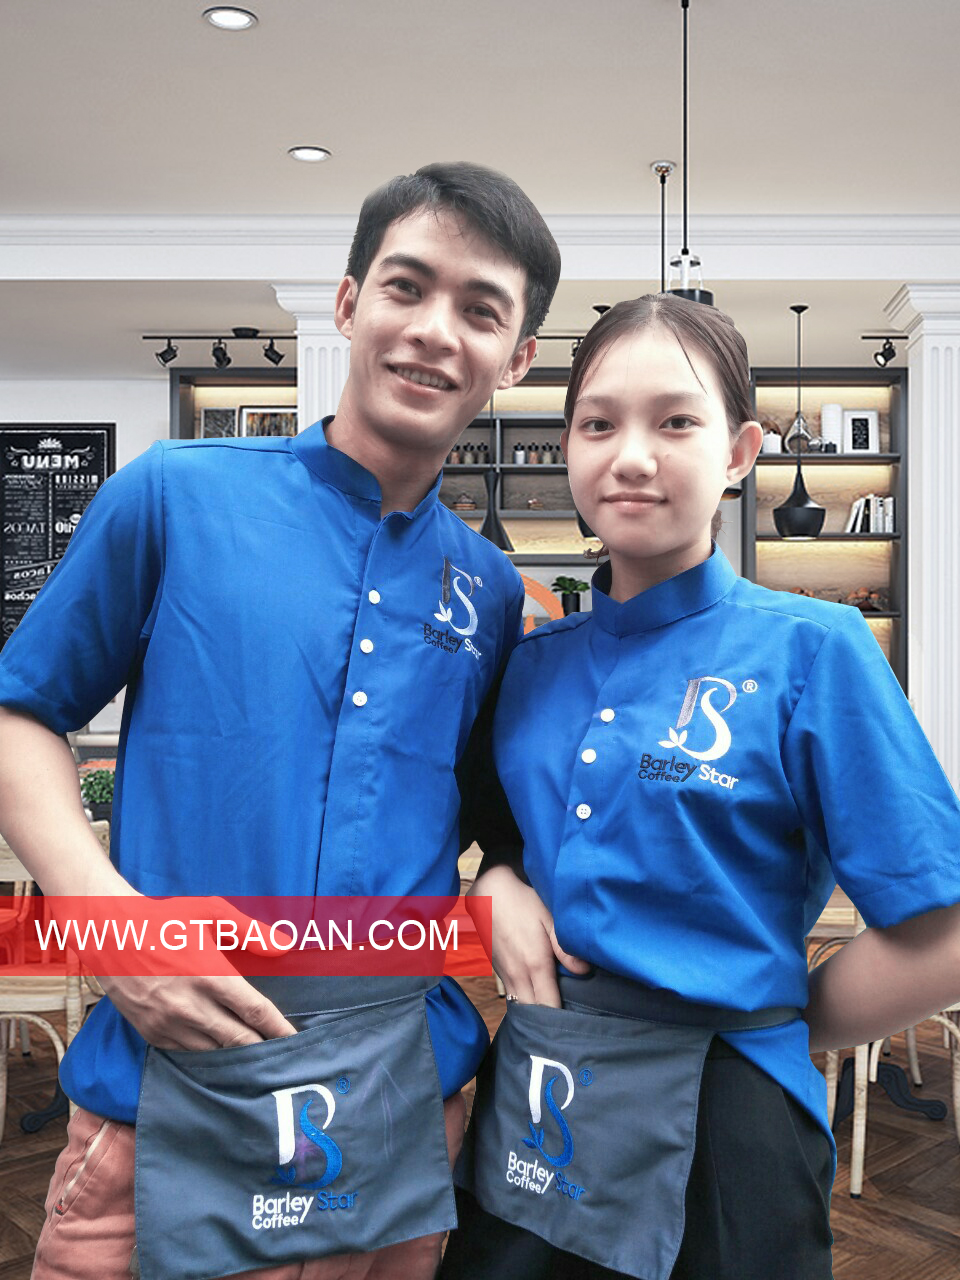 đồng phuc nhan vien phu vu quan cafe Barley Star1